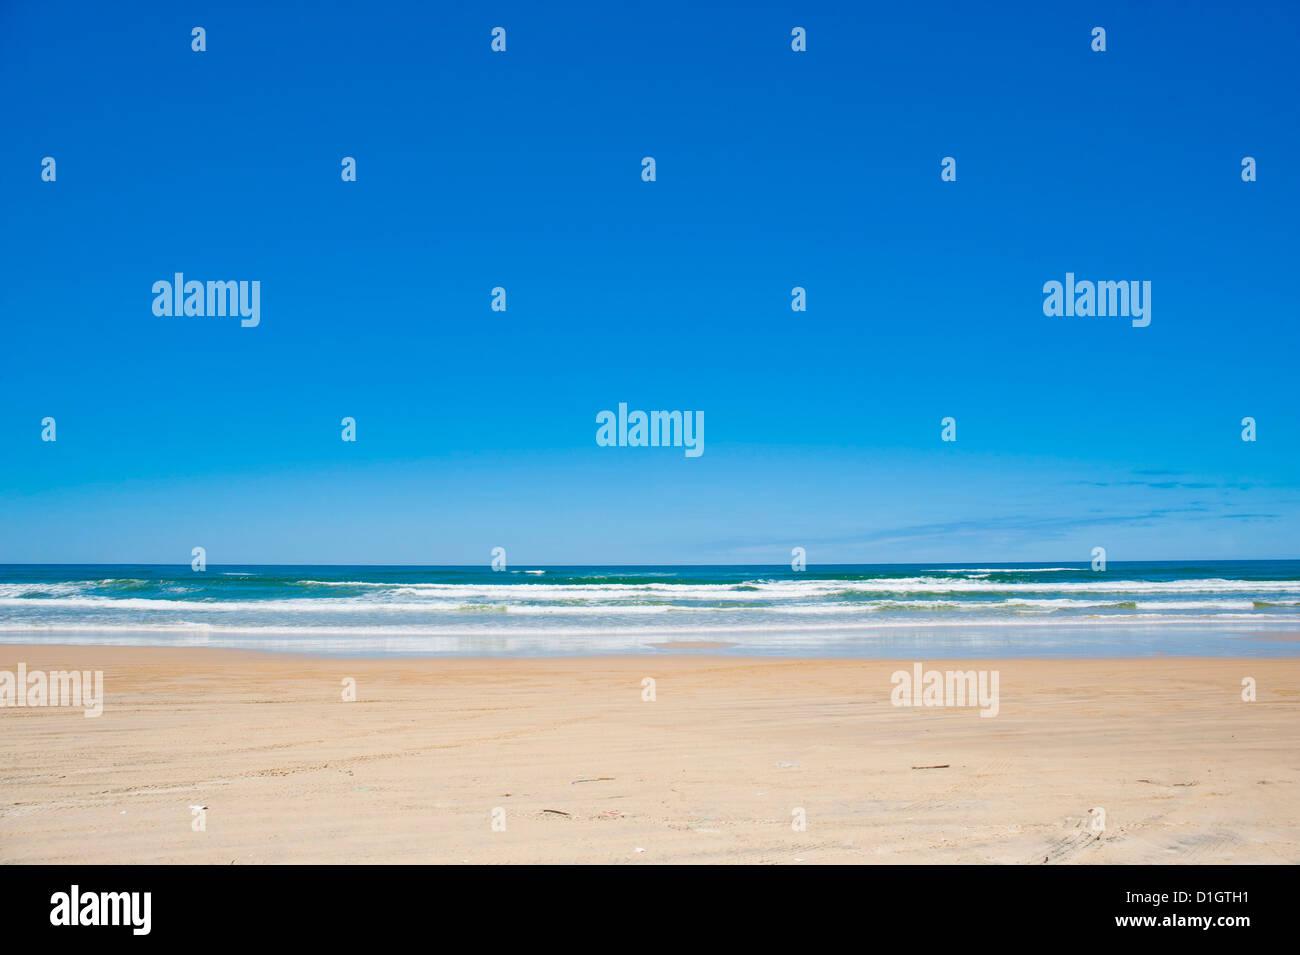 Soixante cinq Mile Beach avec du sable blanc et bleu ciel, Fraser Island, Queensland, Australie, Pacifique Banque D'Images